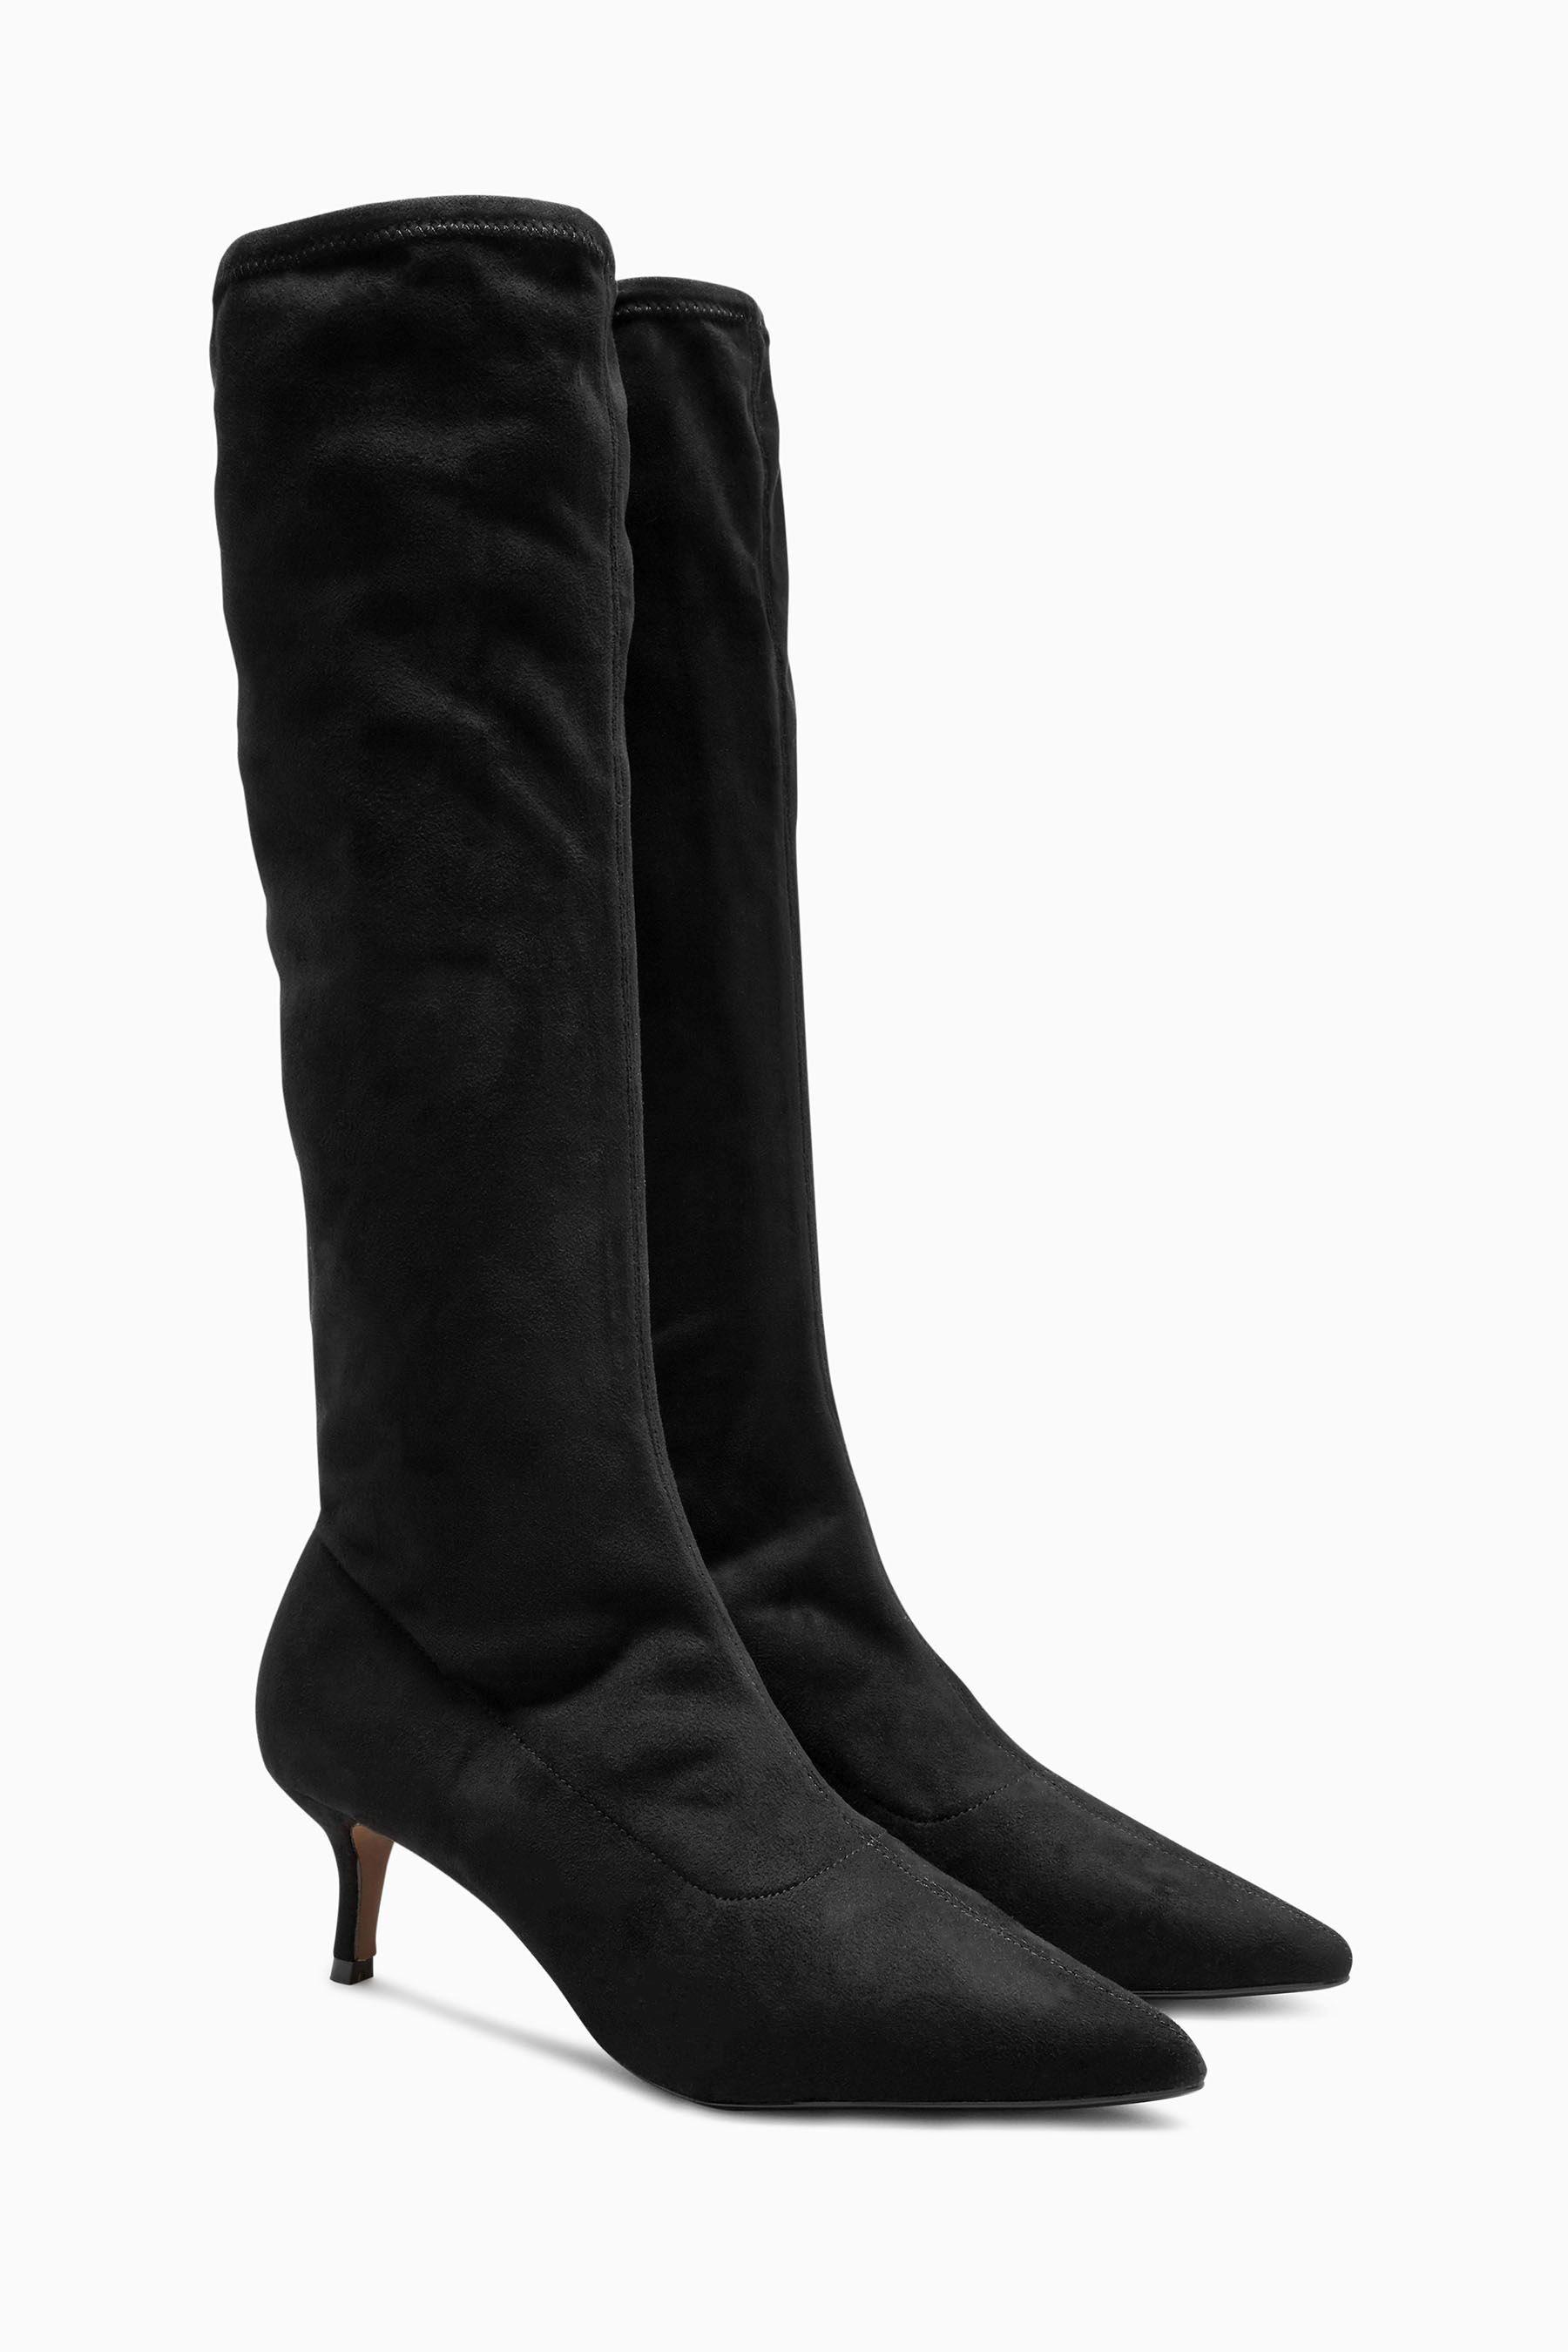 Next Kniehohe Sock-Boots online kaufen  Black